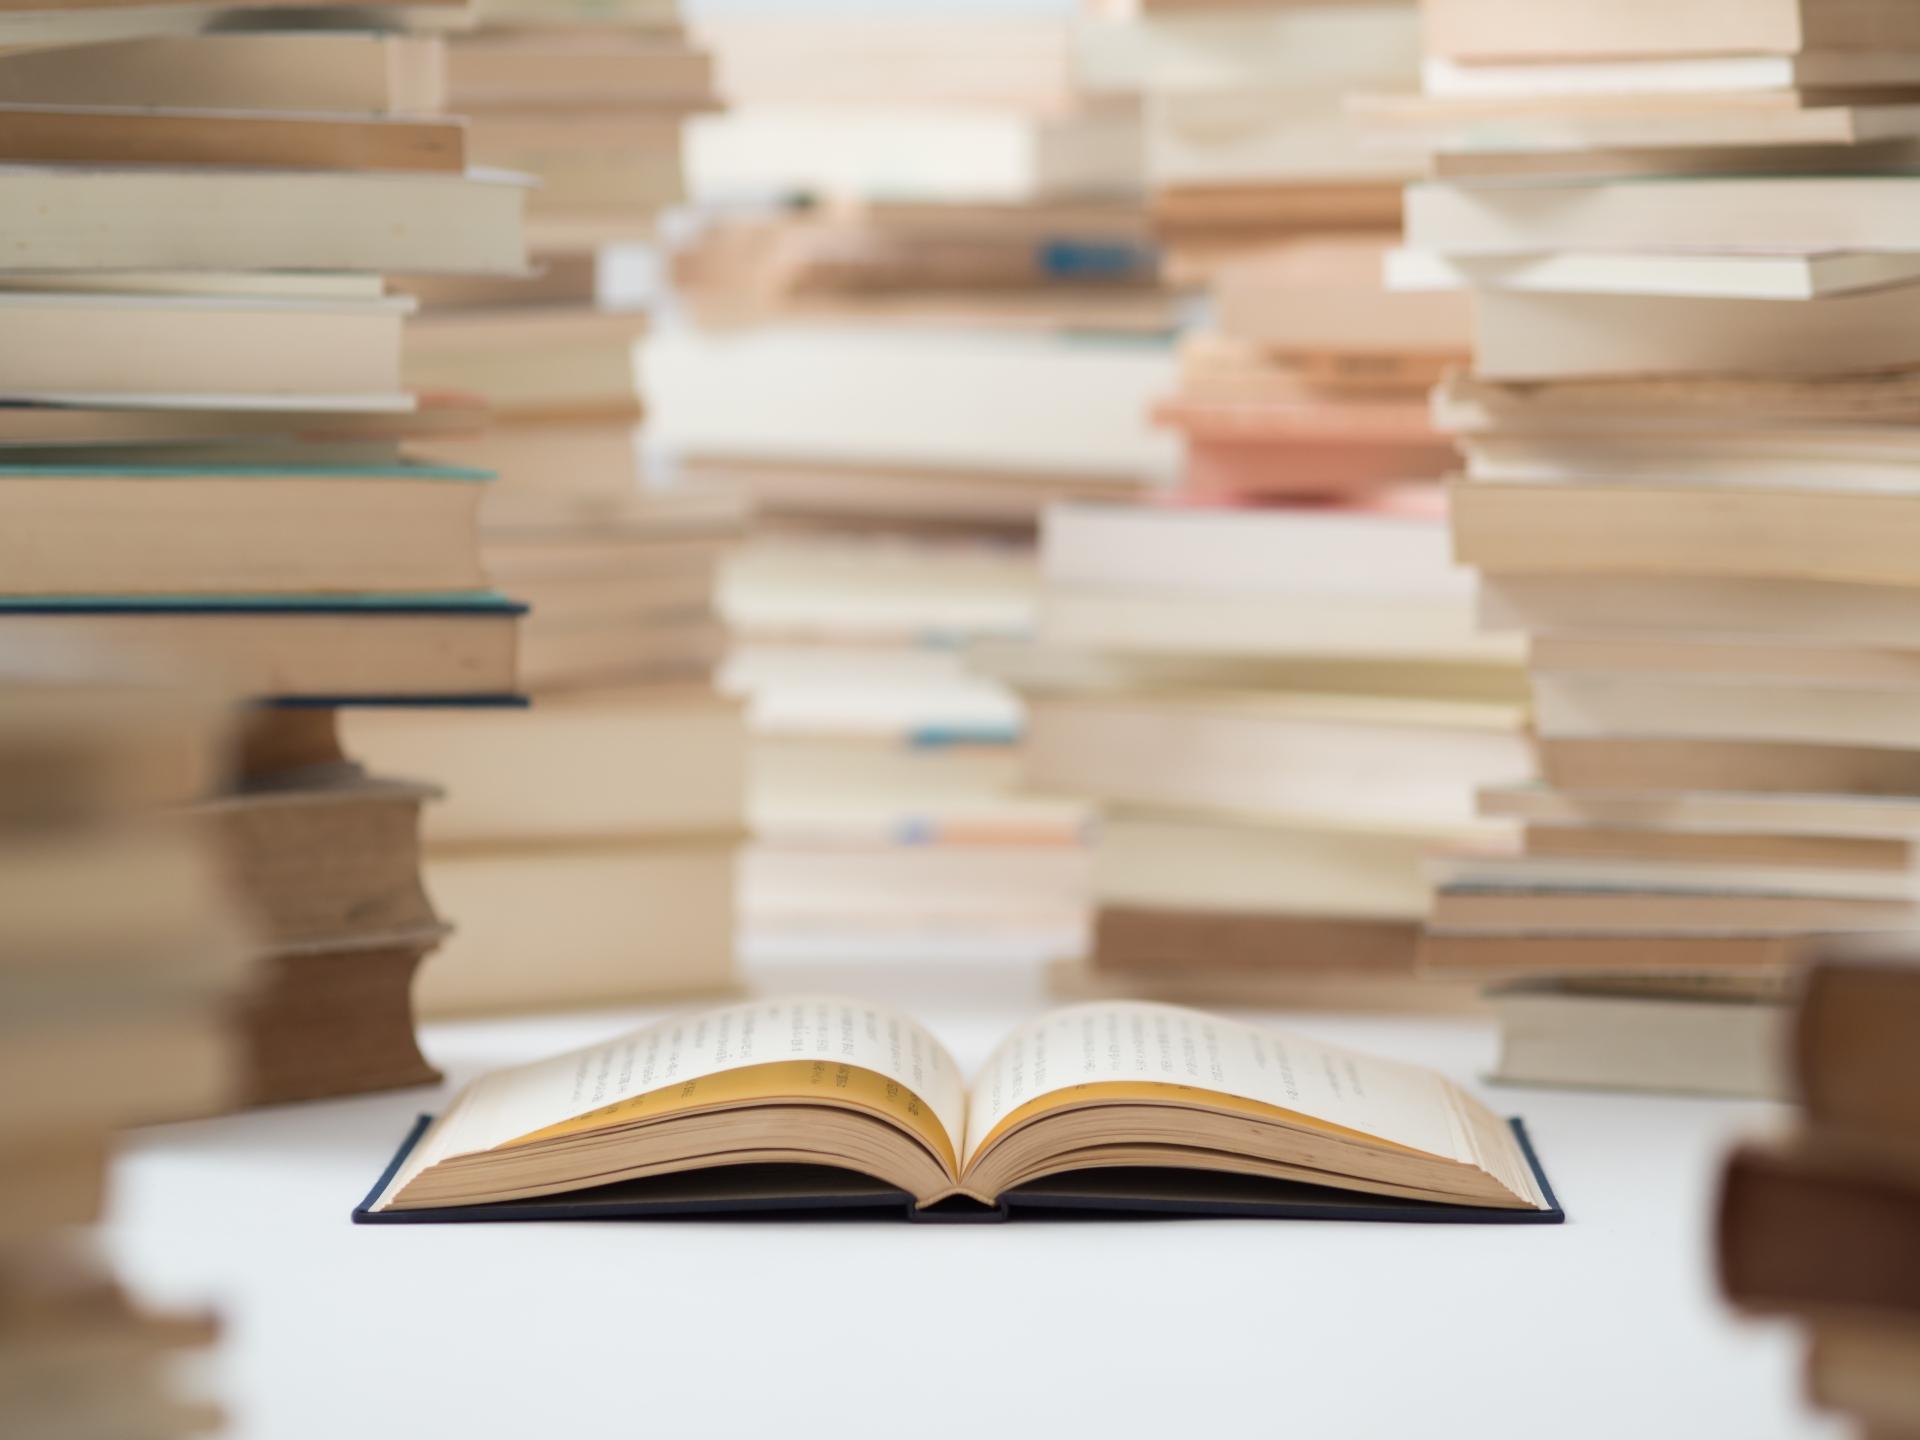 大量の書籍の処分方法